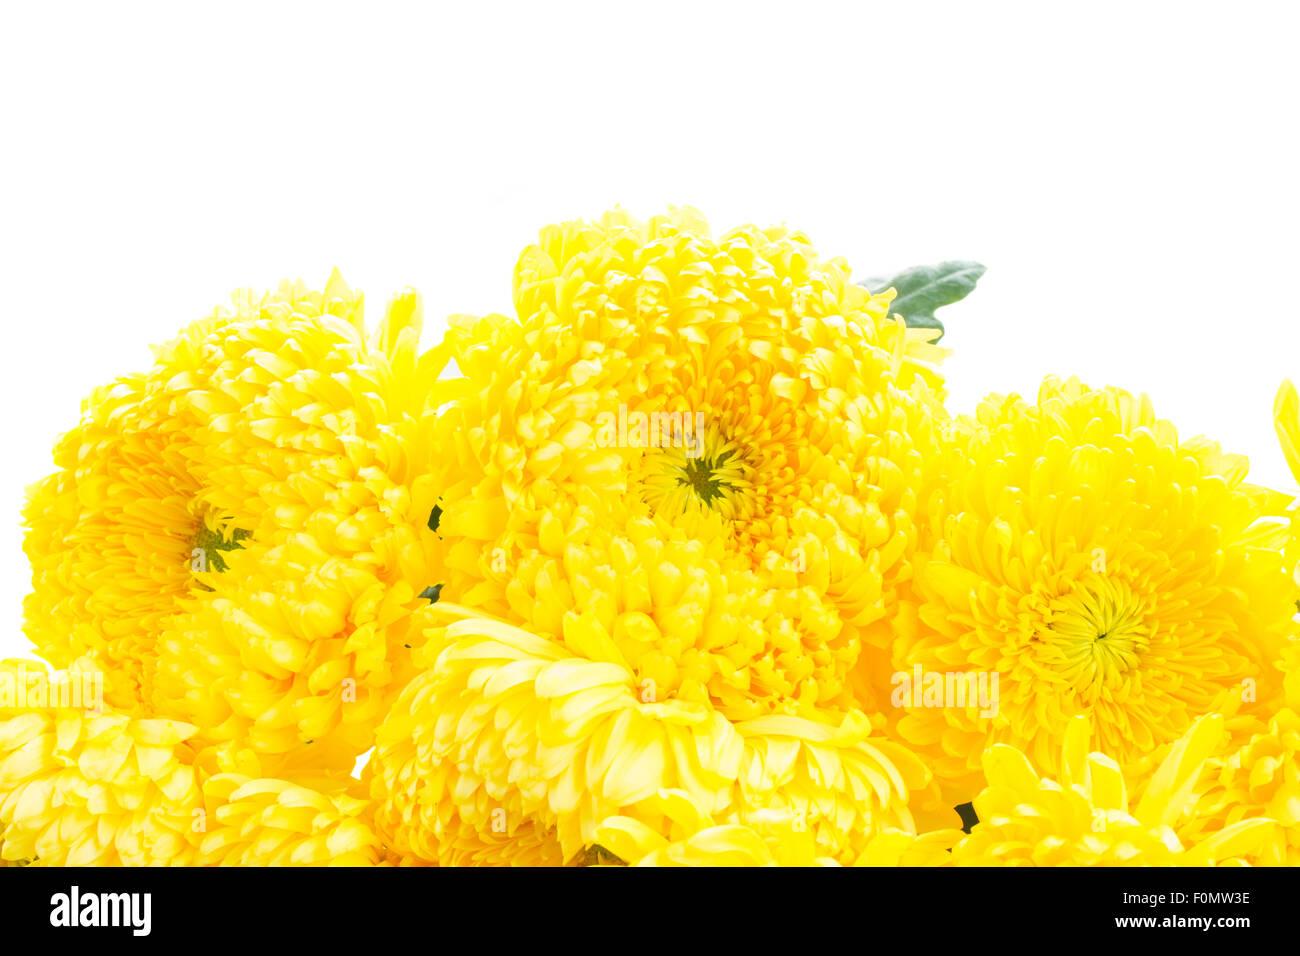 Border Of Yellow Mum Flowers Stock Photo 86510578 Alamy